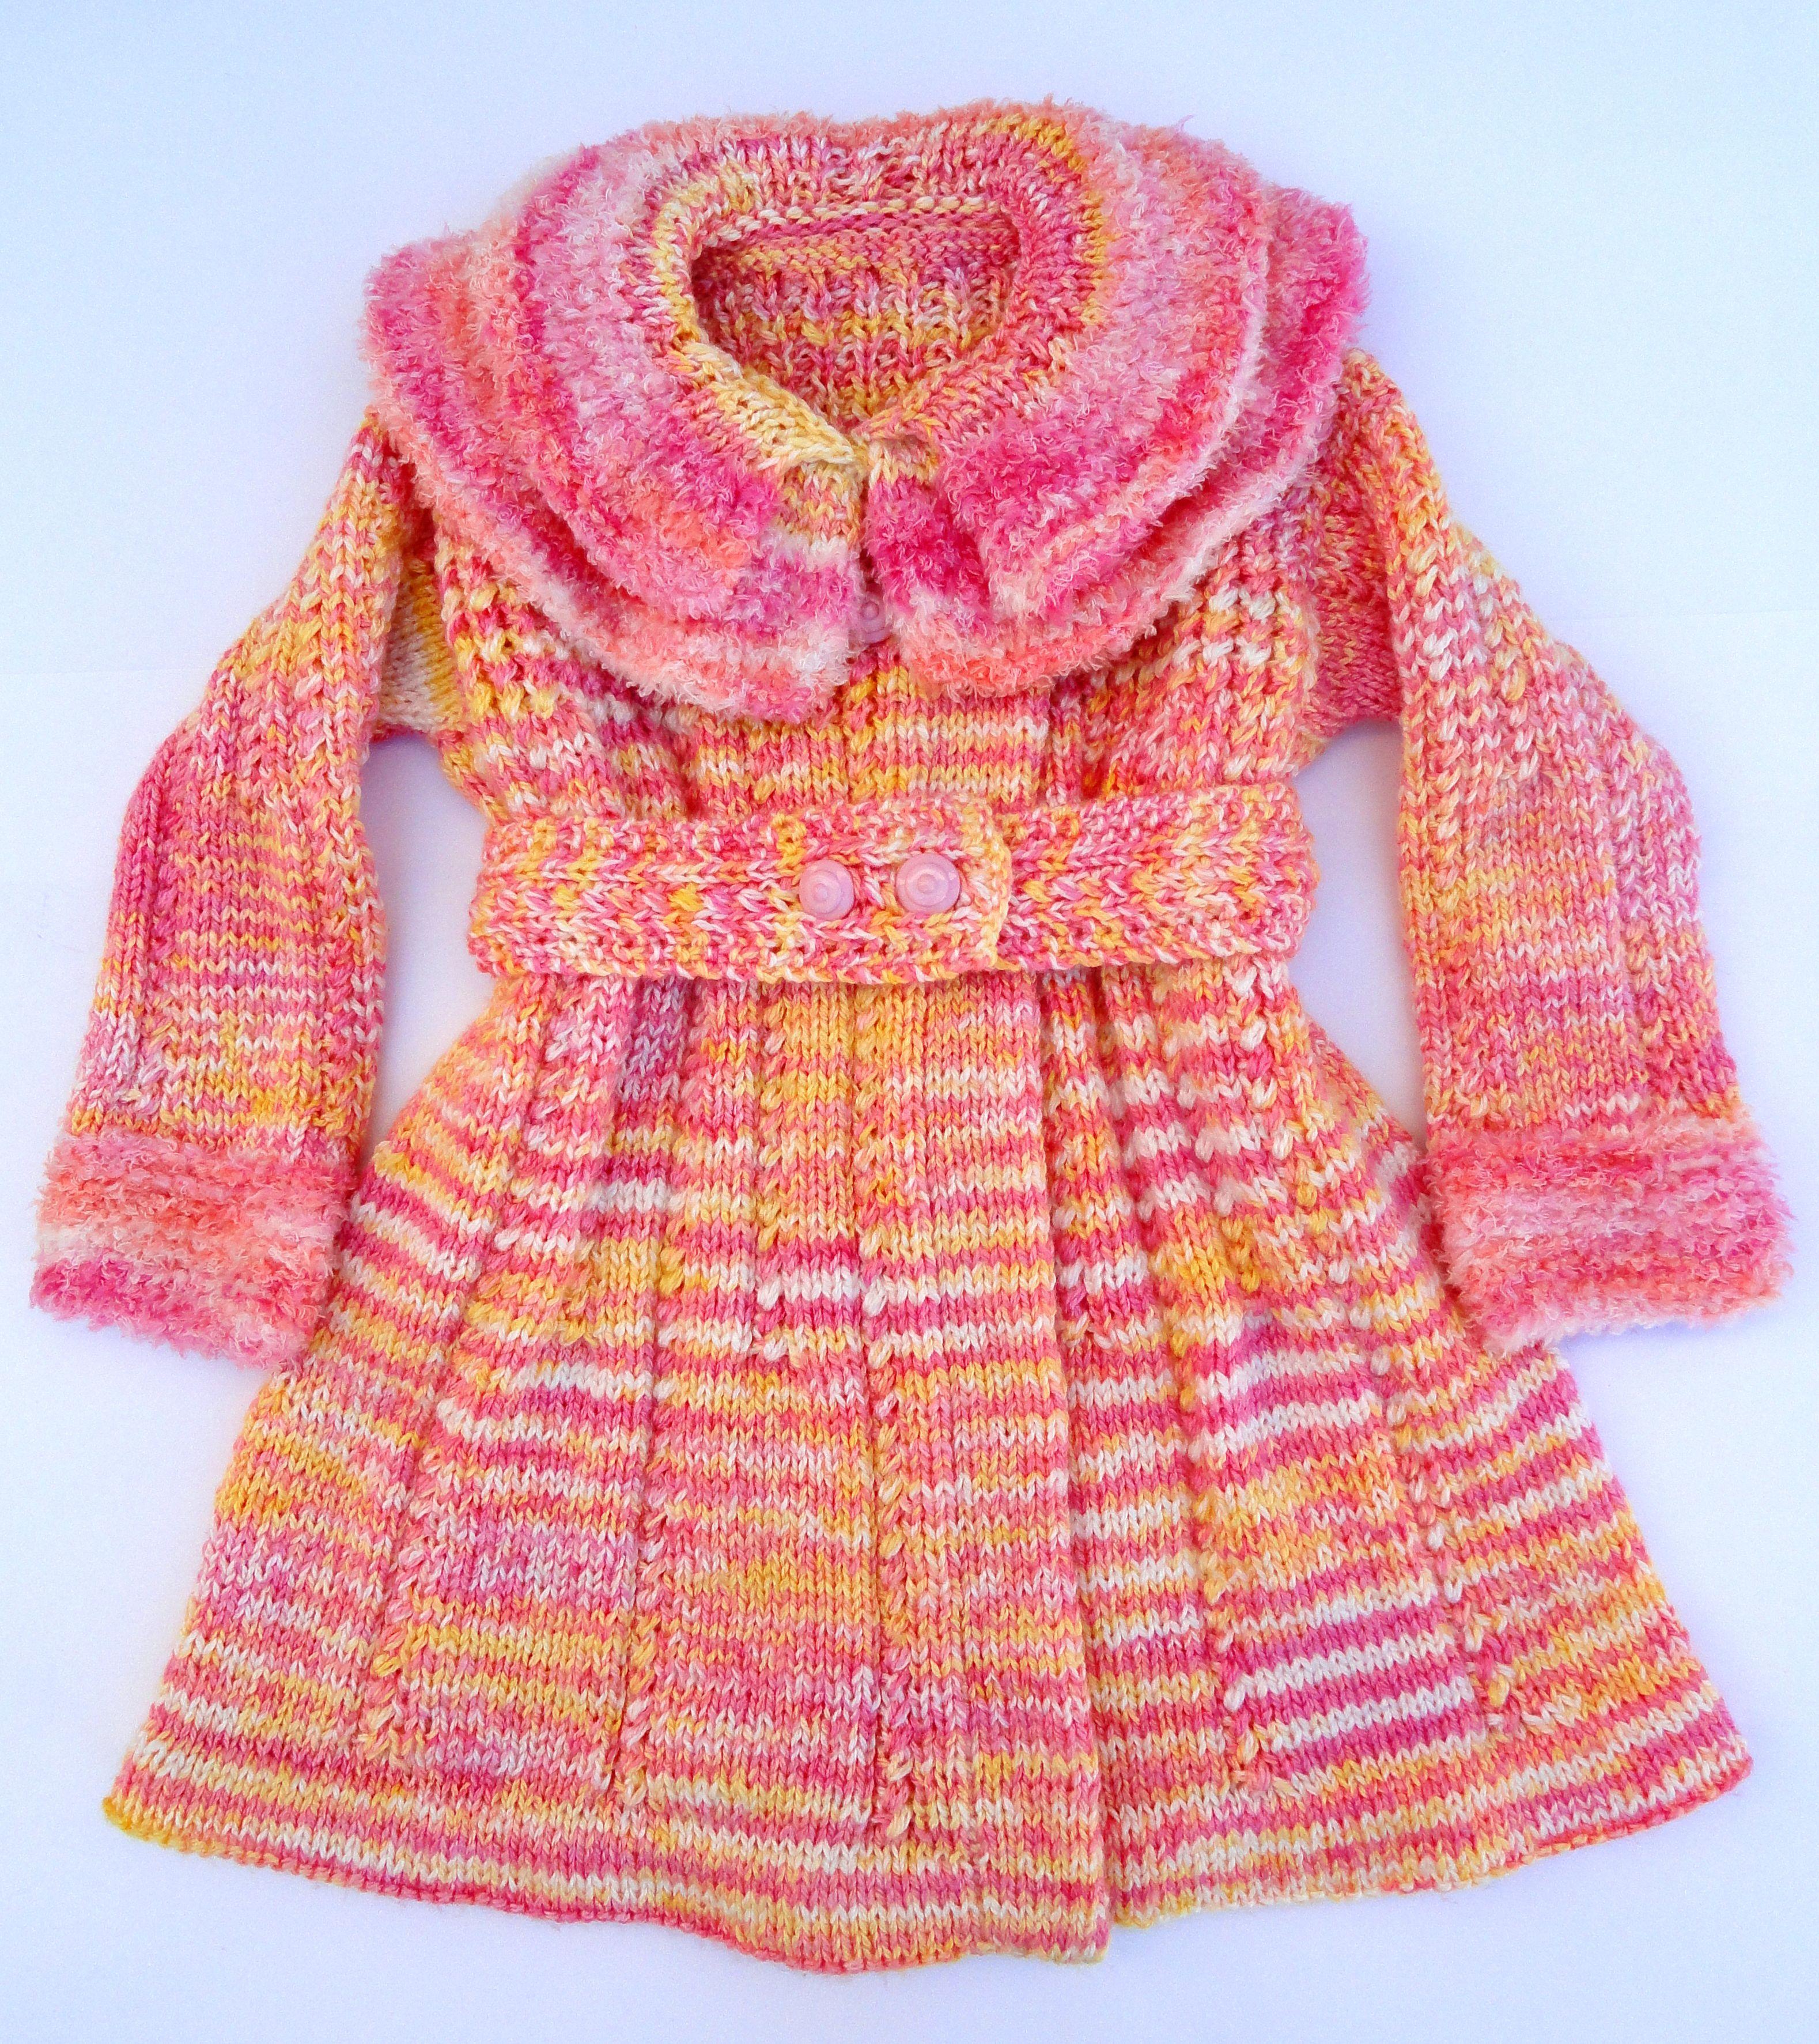 tejidos artesanales El blog de Roslinda